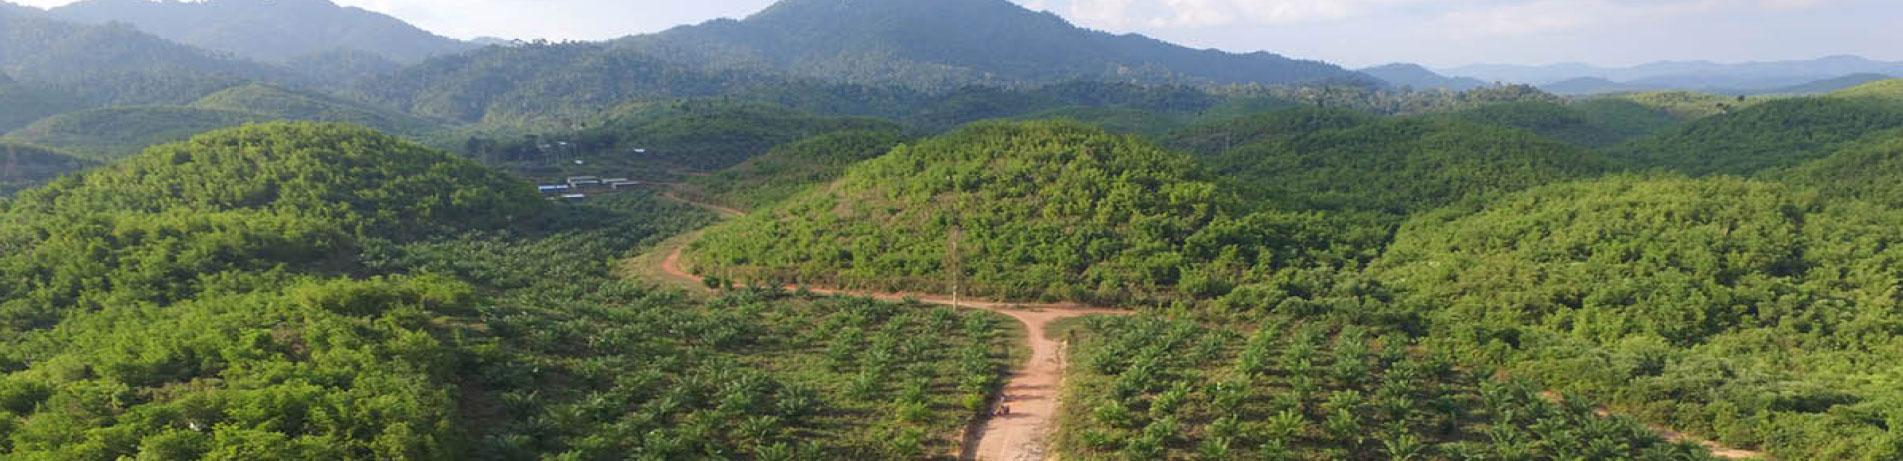 Palm oil plantation, Myanmar